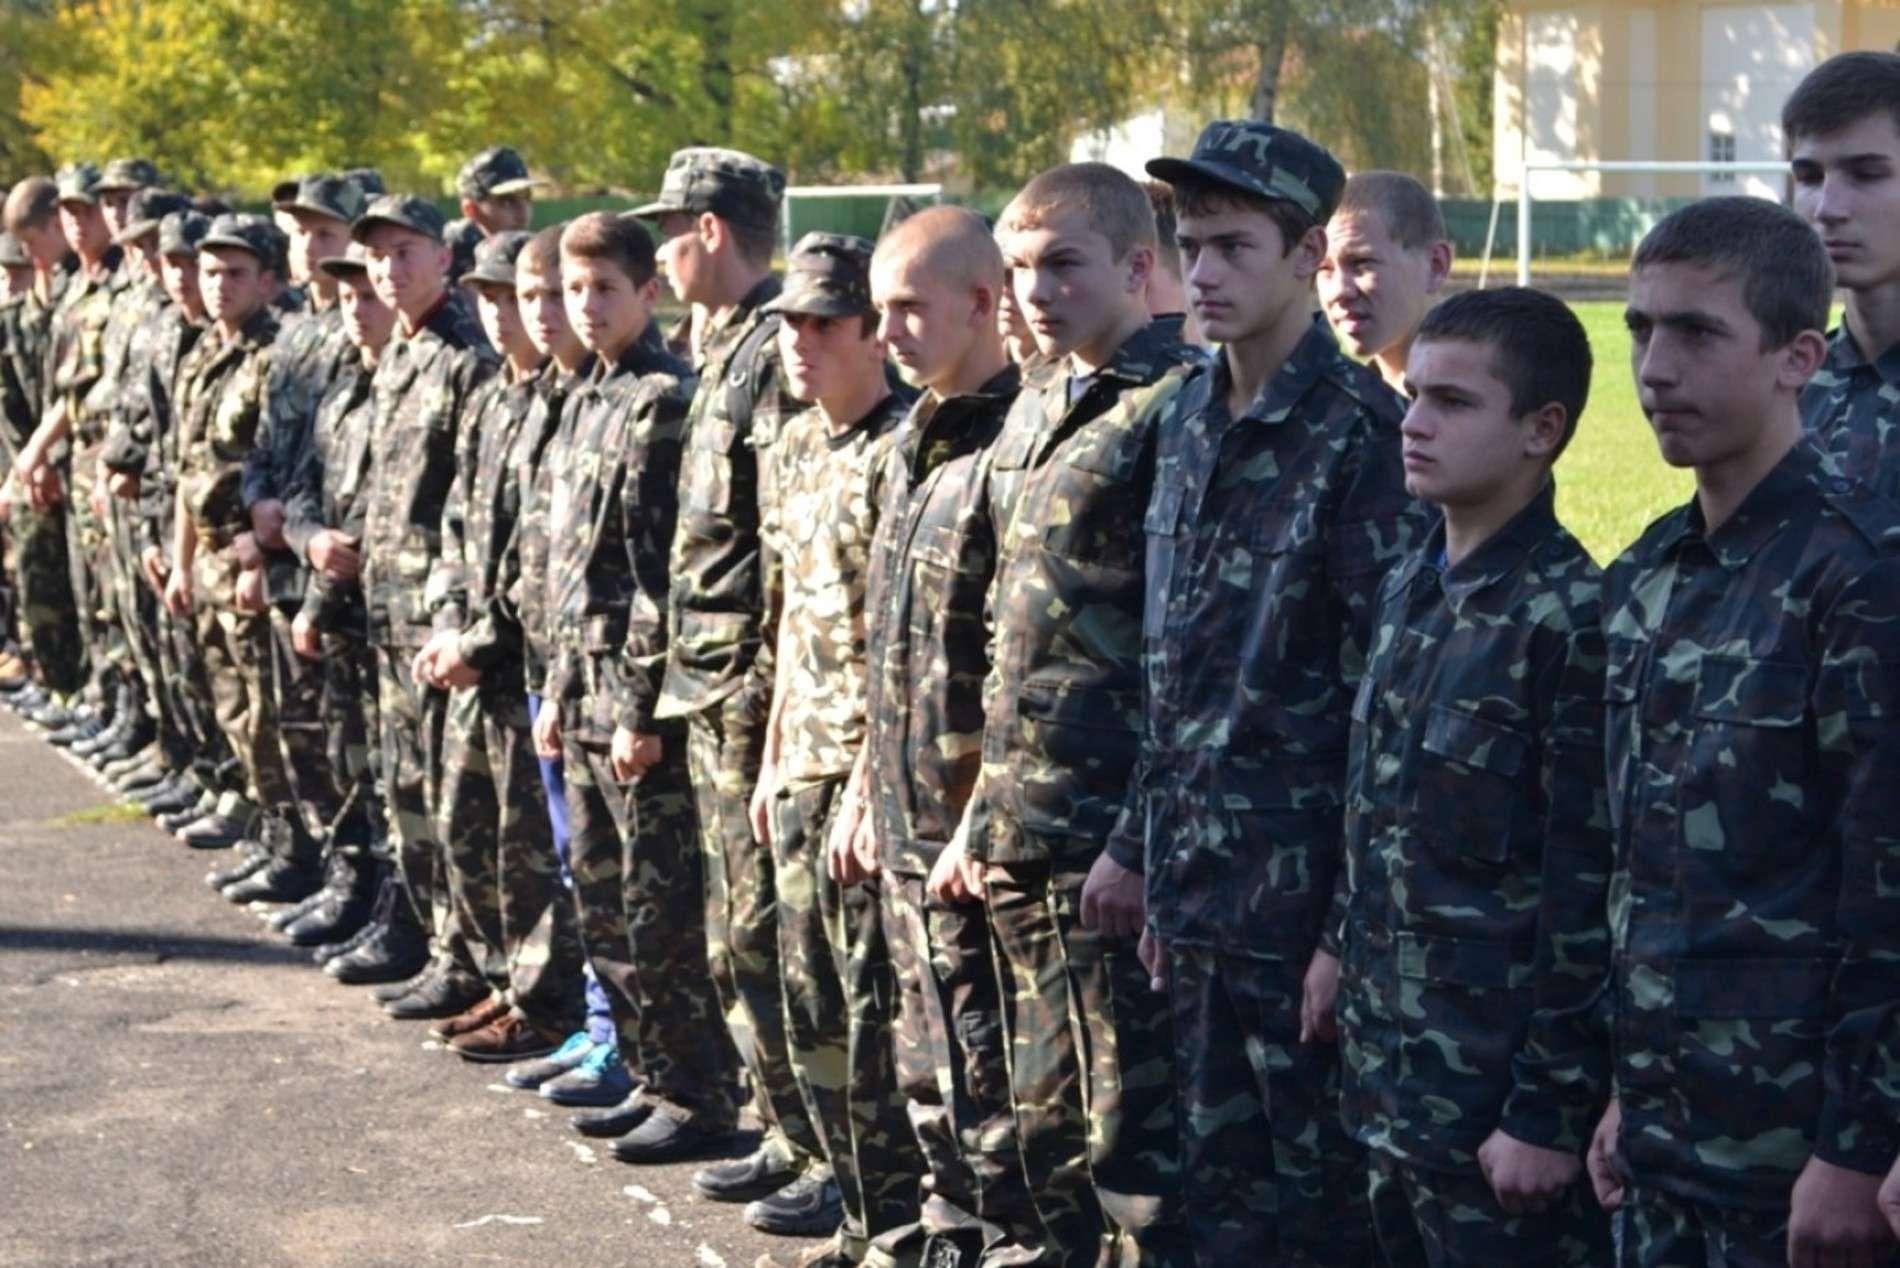 Спартакіаду допризовної молоді провели у Чернівецькій області